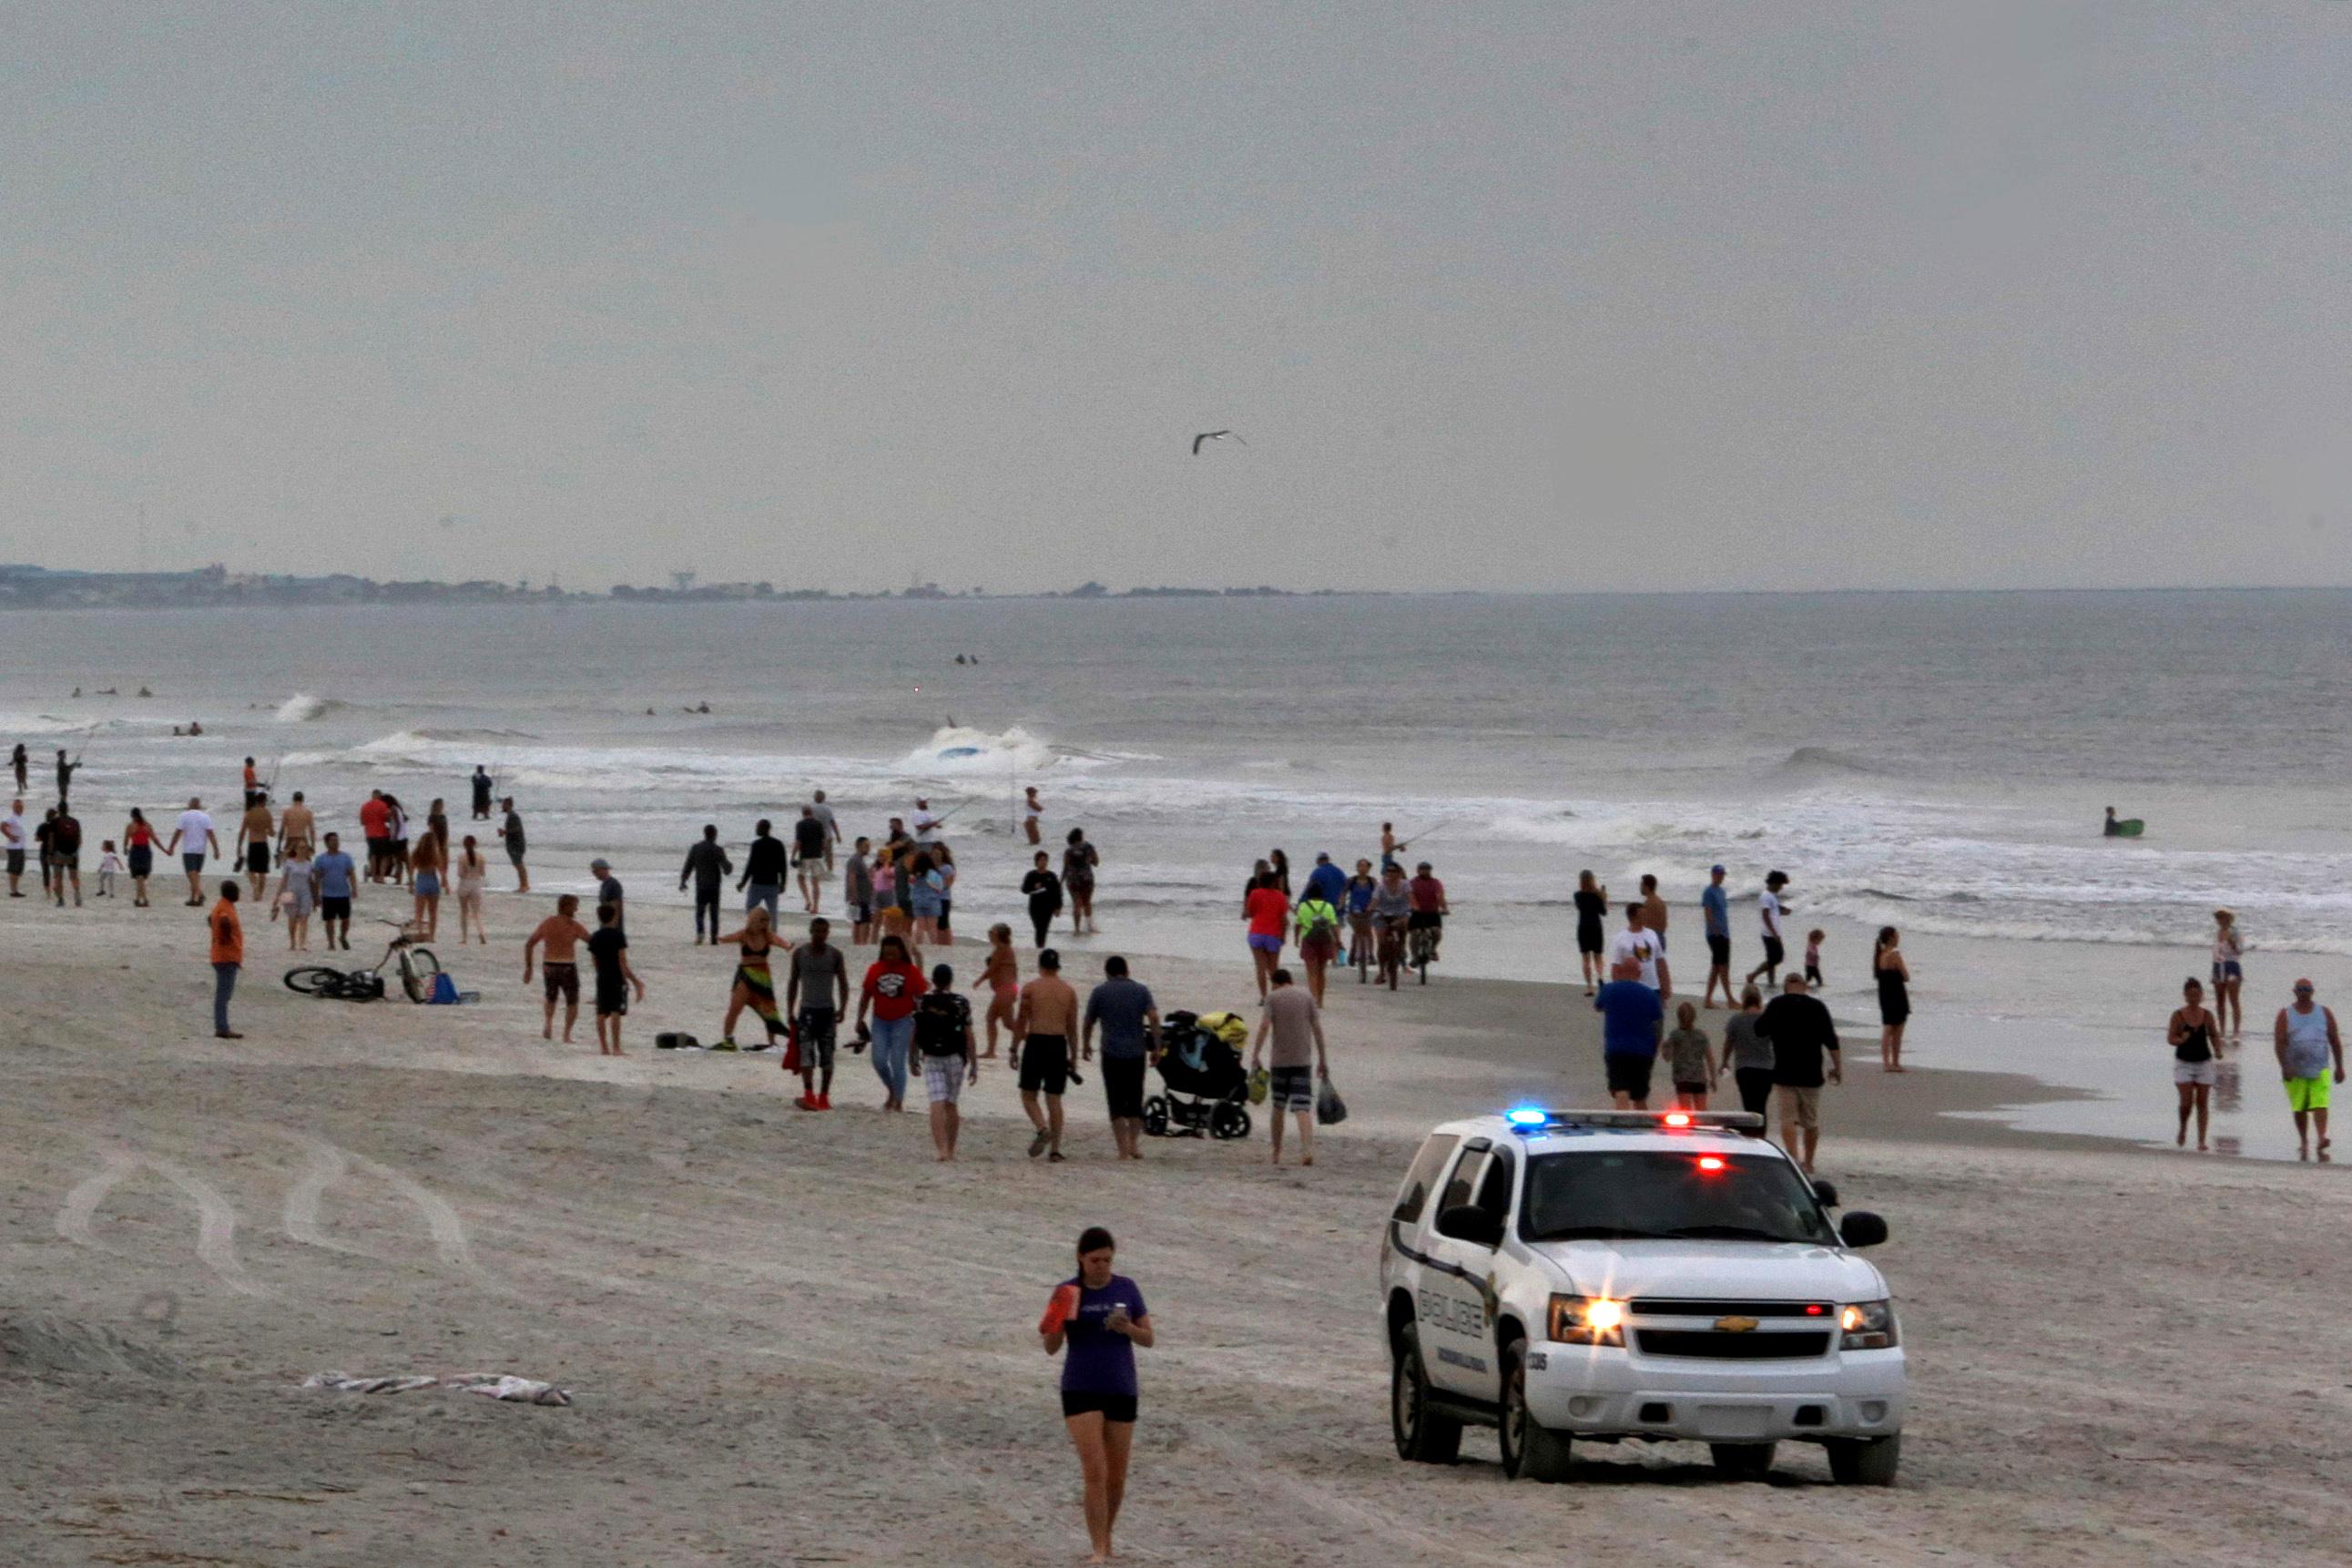 El condado de Duval es uno de los más afectados de Florida por la pandemia (Reuters)